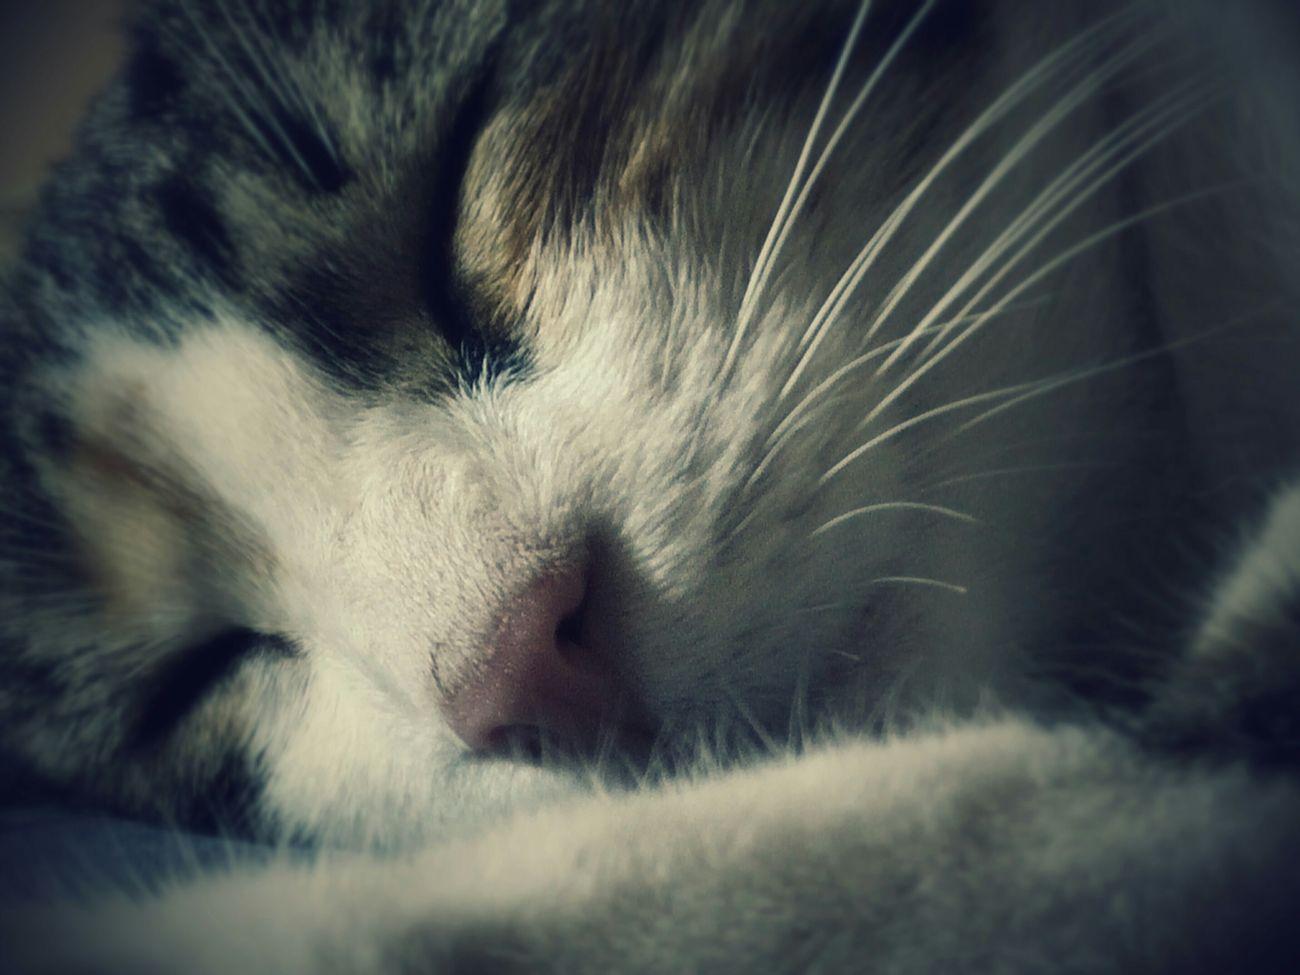 Gato Cat Sleep Dormir Bedtime Bed